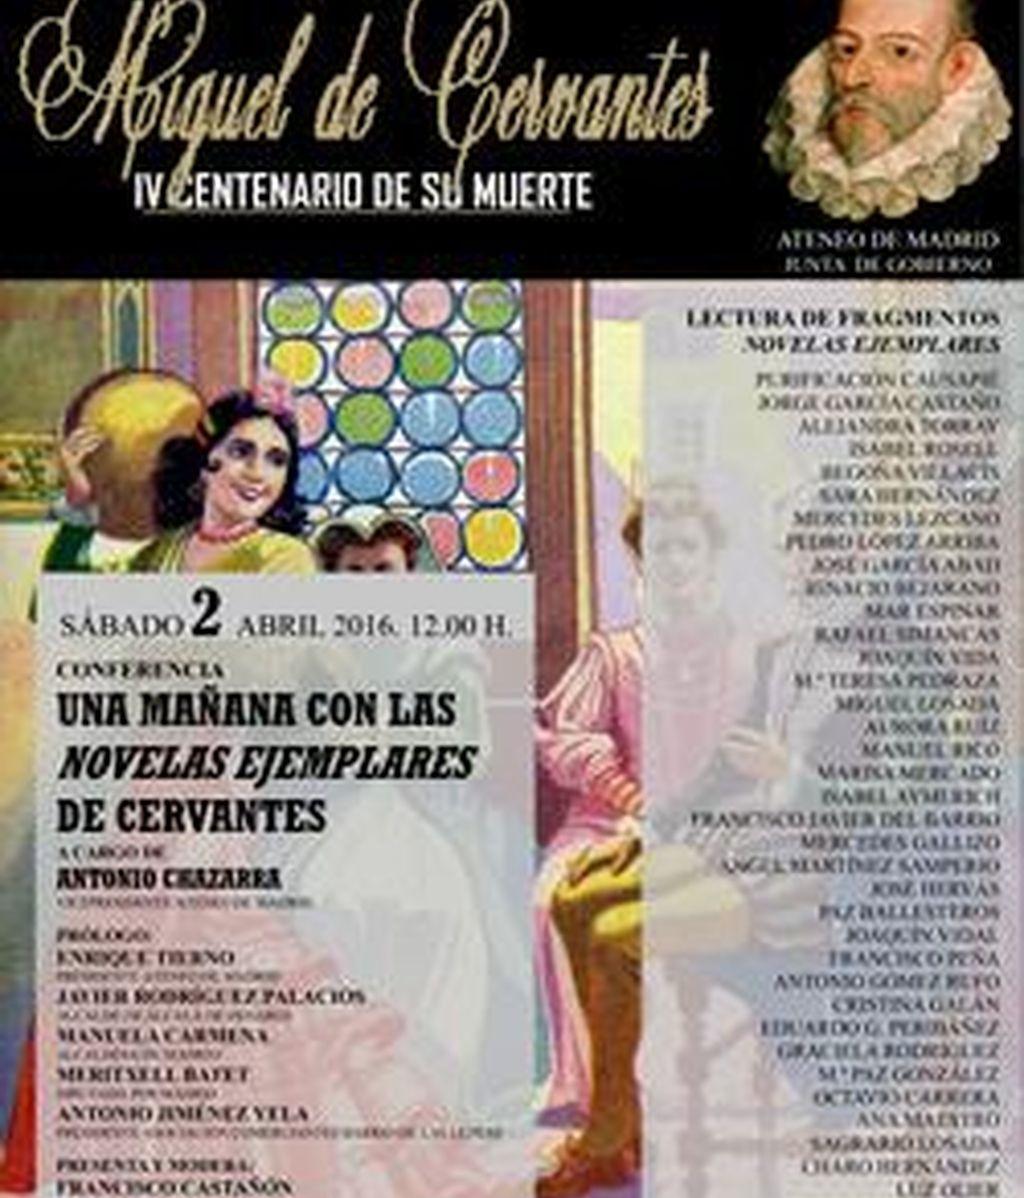 IV Aniversario de la muerte de Cervantes Ateneo de Madrid